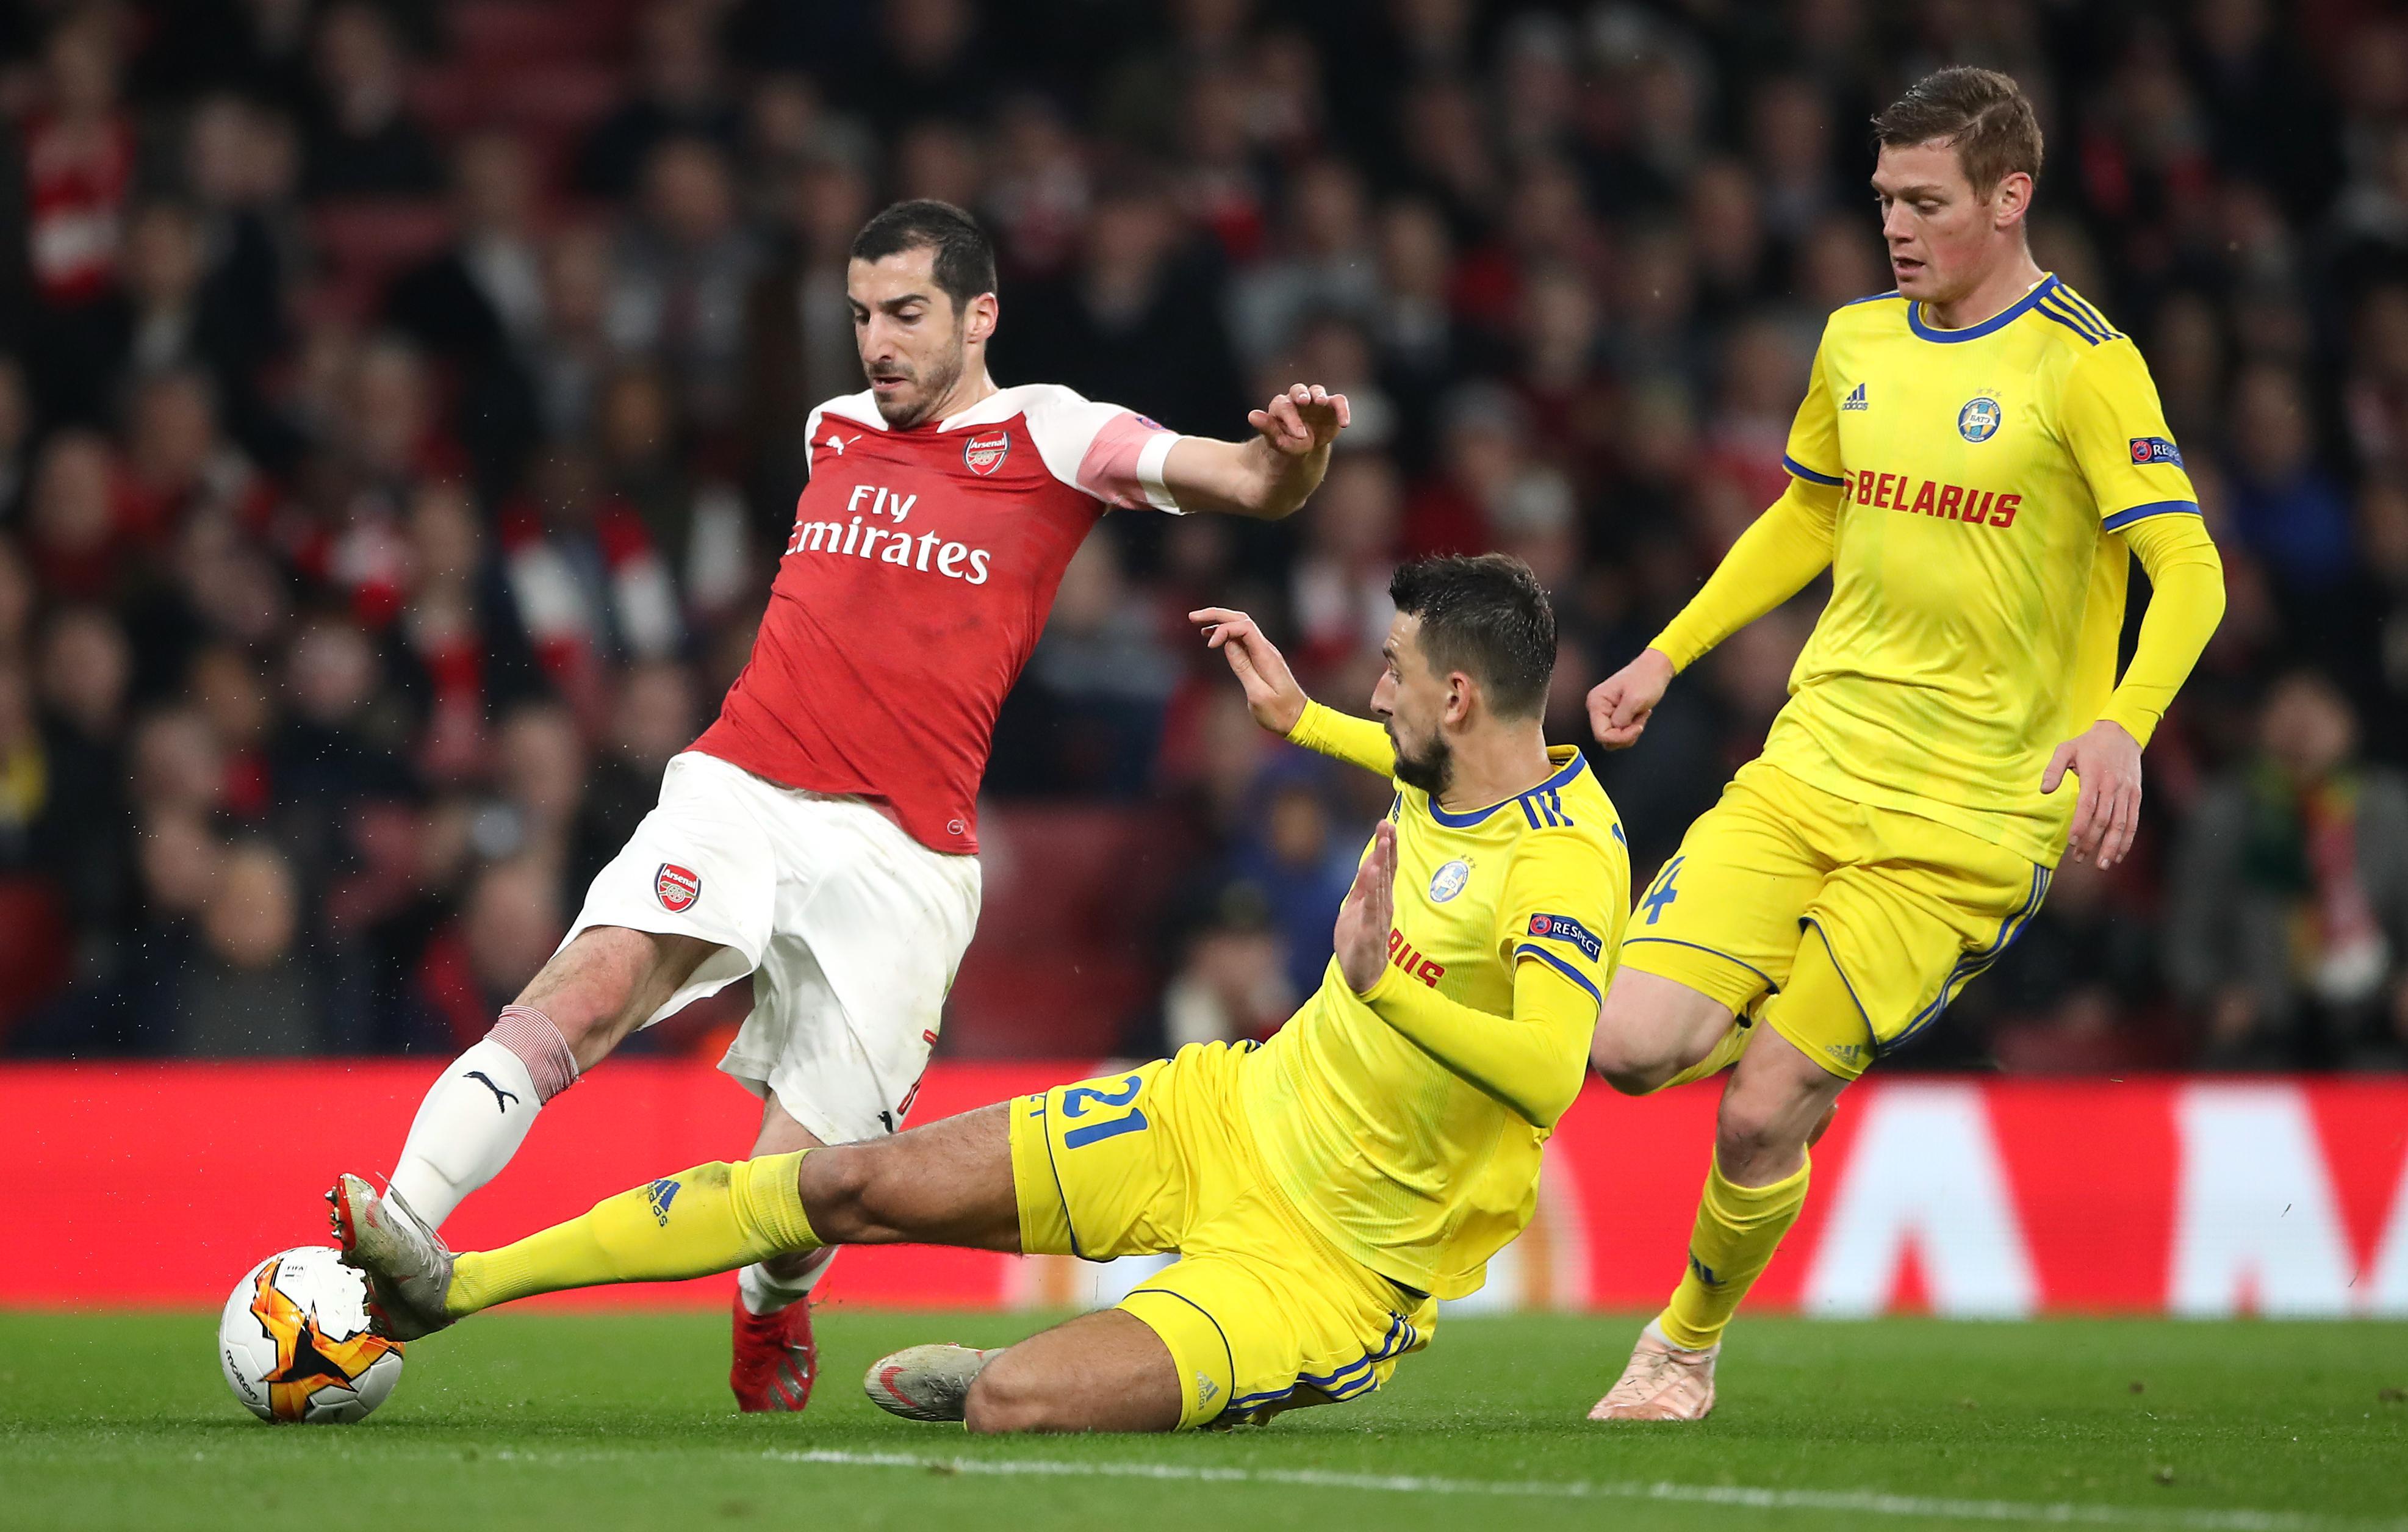 """БАТЭ бьётся с """"Арсеналом"""" в Лиге Европы в феврале 2019 года. Фото © FA Bobo / PIXSELL / PA Image / Nick Potts"""